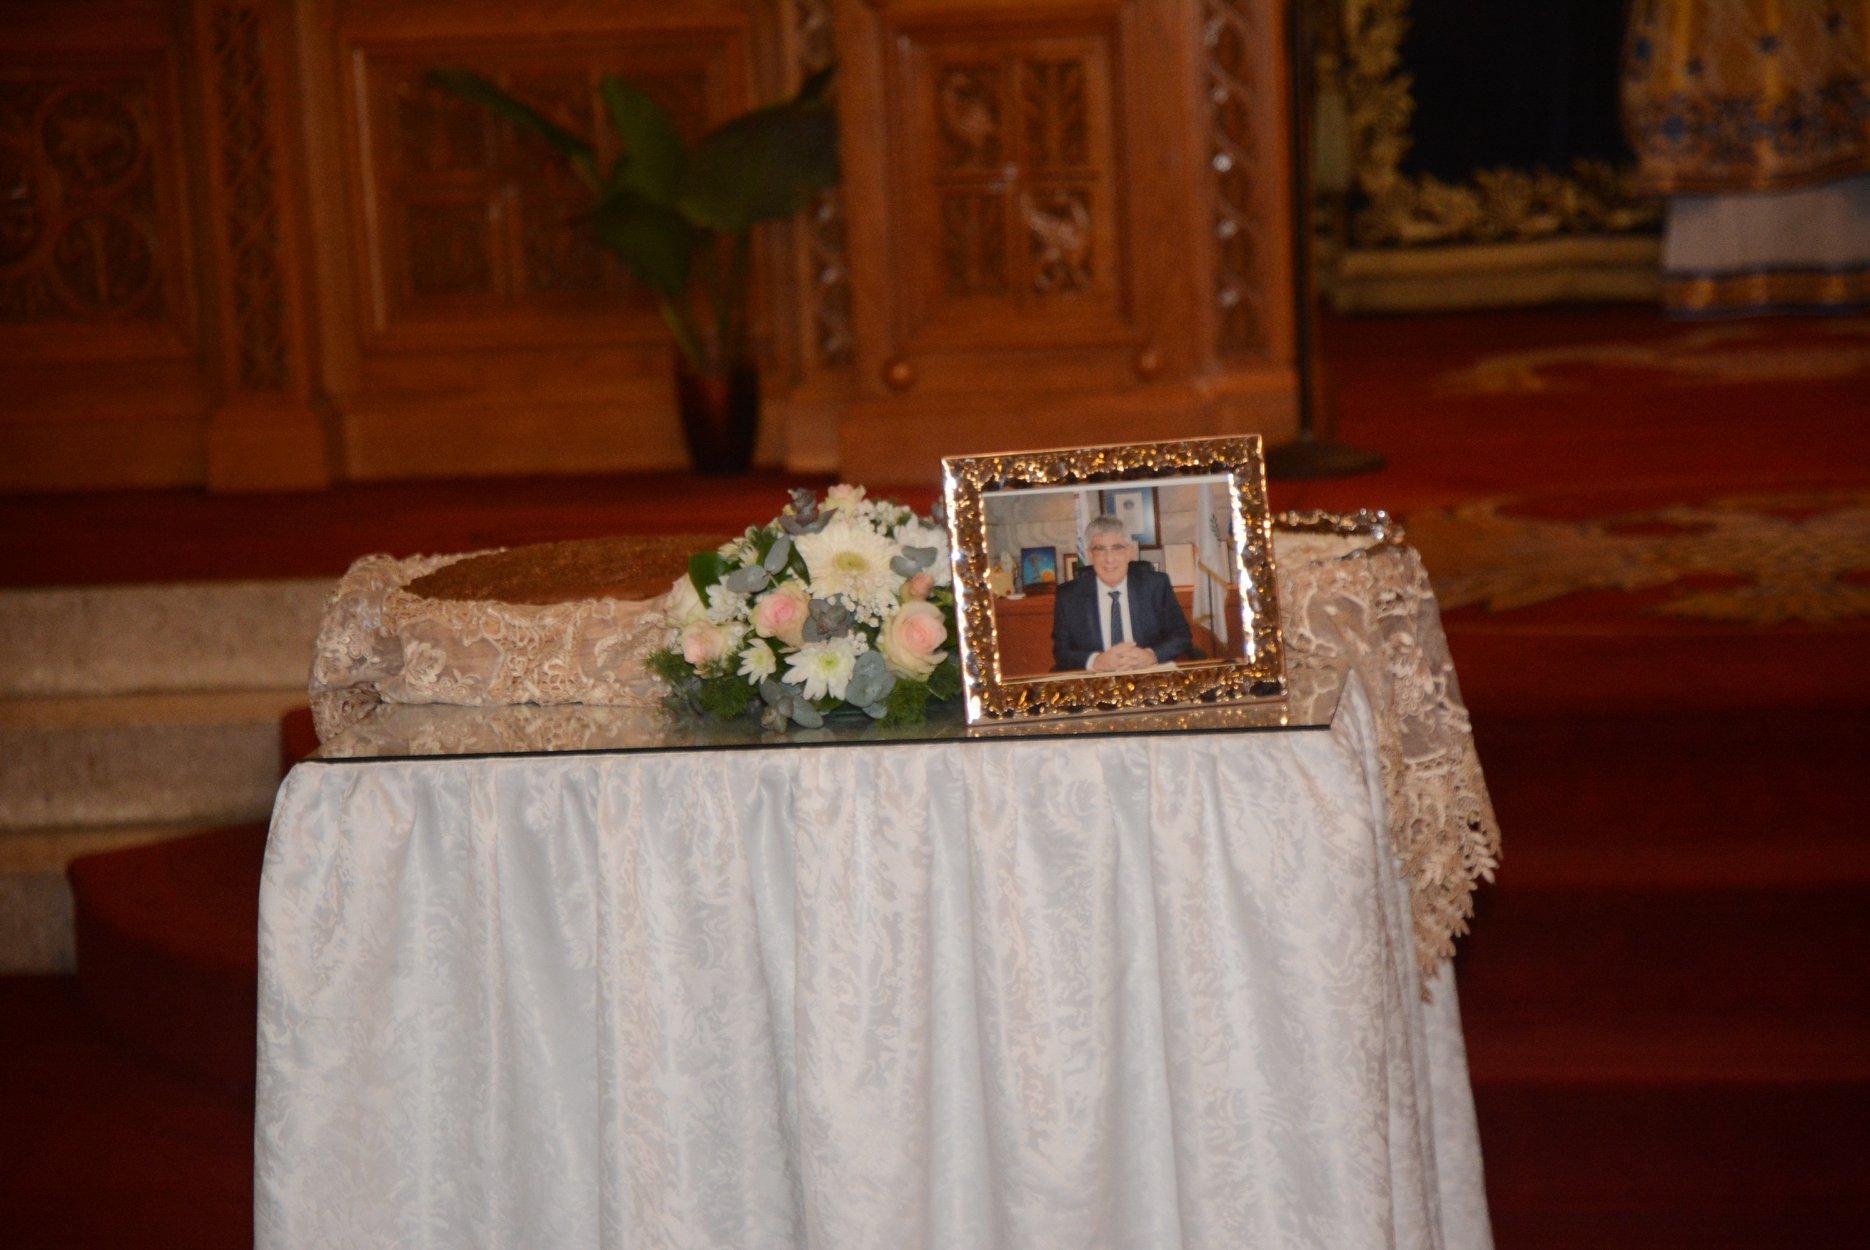 Έβδομο ετήσιο μνημόσυνο μακαριστού Δήμαρχου Αγίας Νάπας Νάκη Τσόκκου